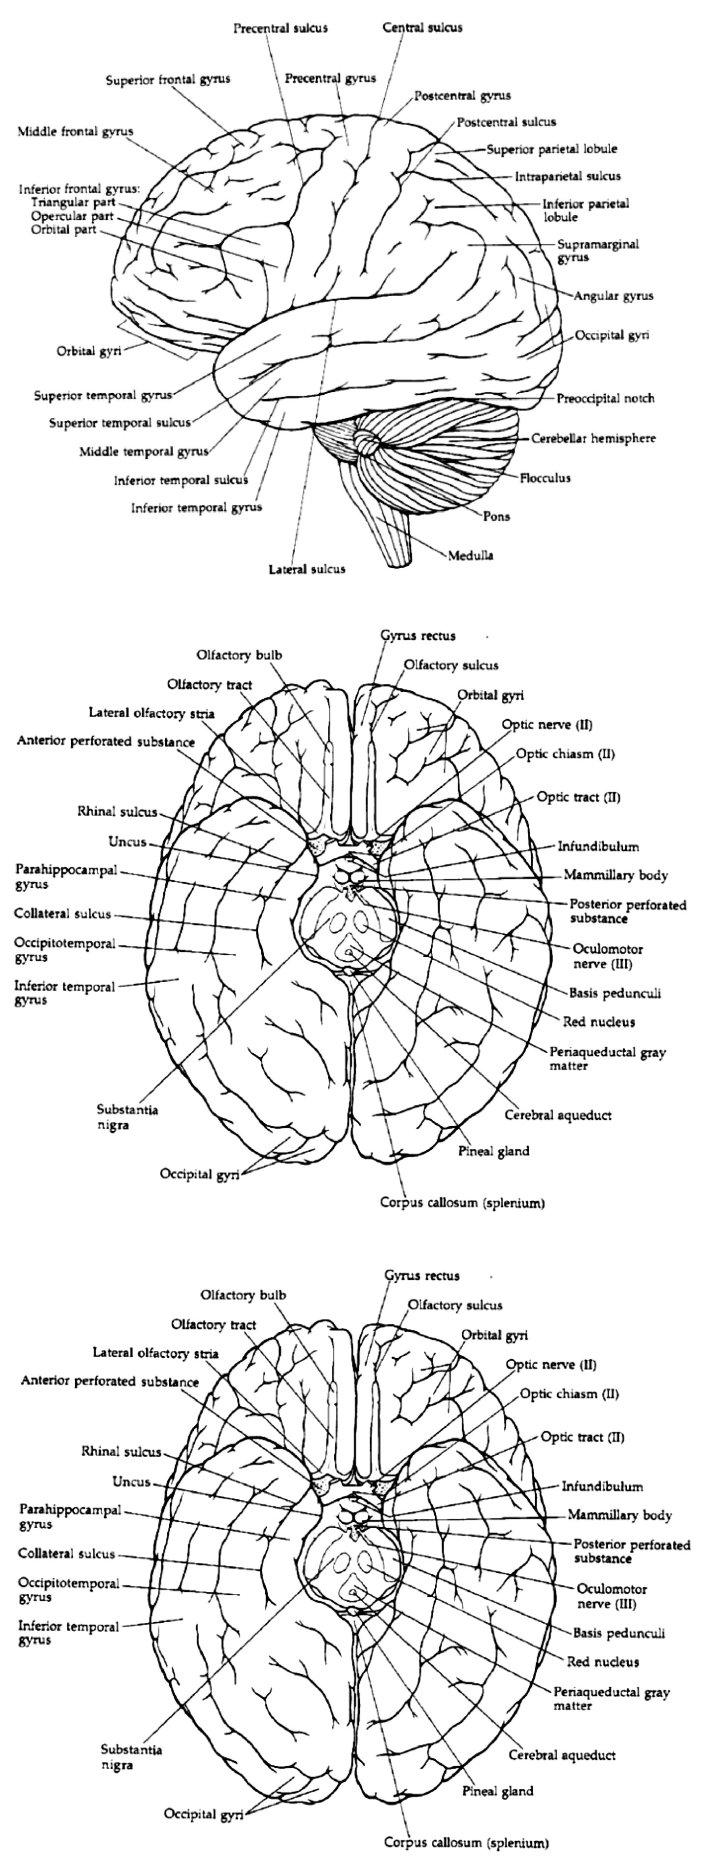 A. Závity a rýhy – zevní plocha levé hemisféry B. Závity a rýhy při pohledu na mozek shora C. Závity a rýhy při pohledu na spodní plochu mozku